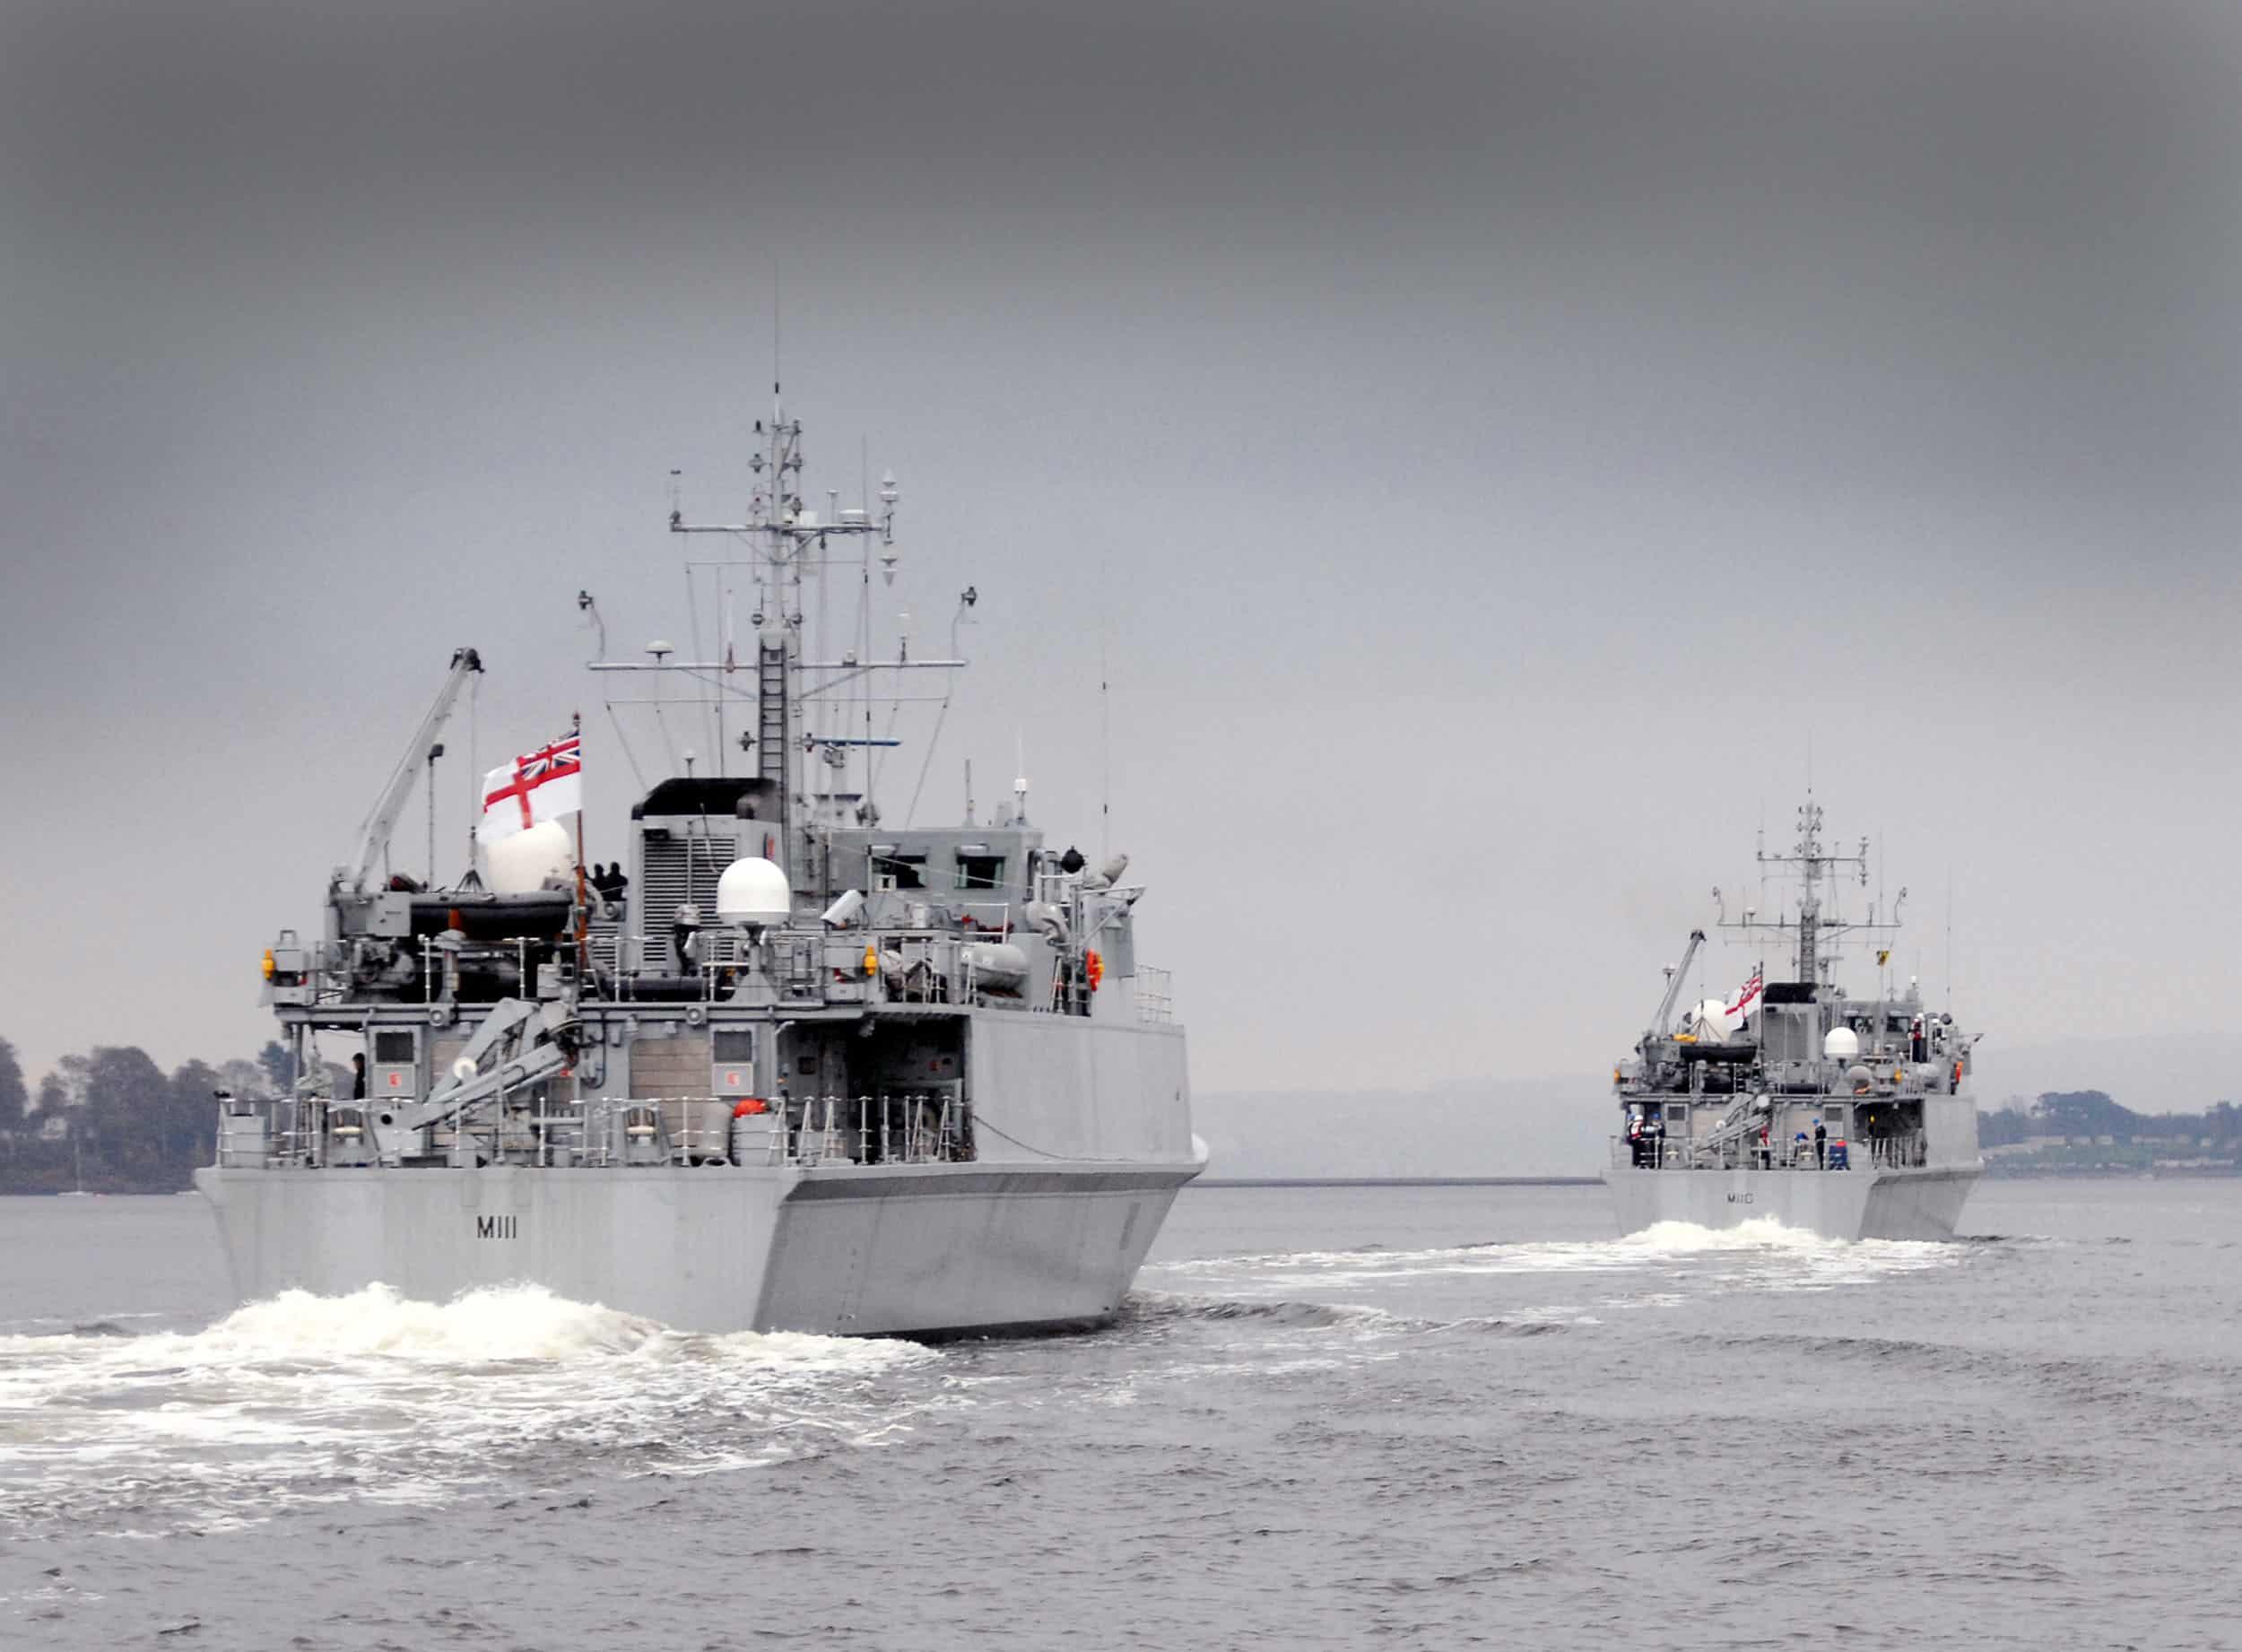 Тральщики HMS Ramsy та HMS Blyth